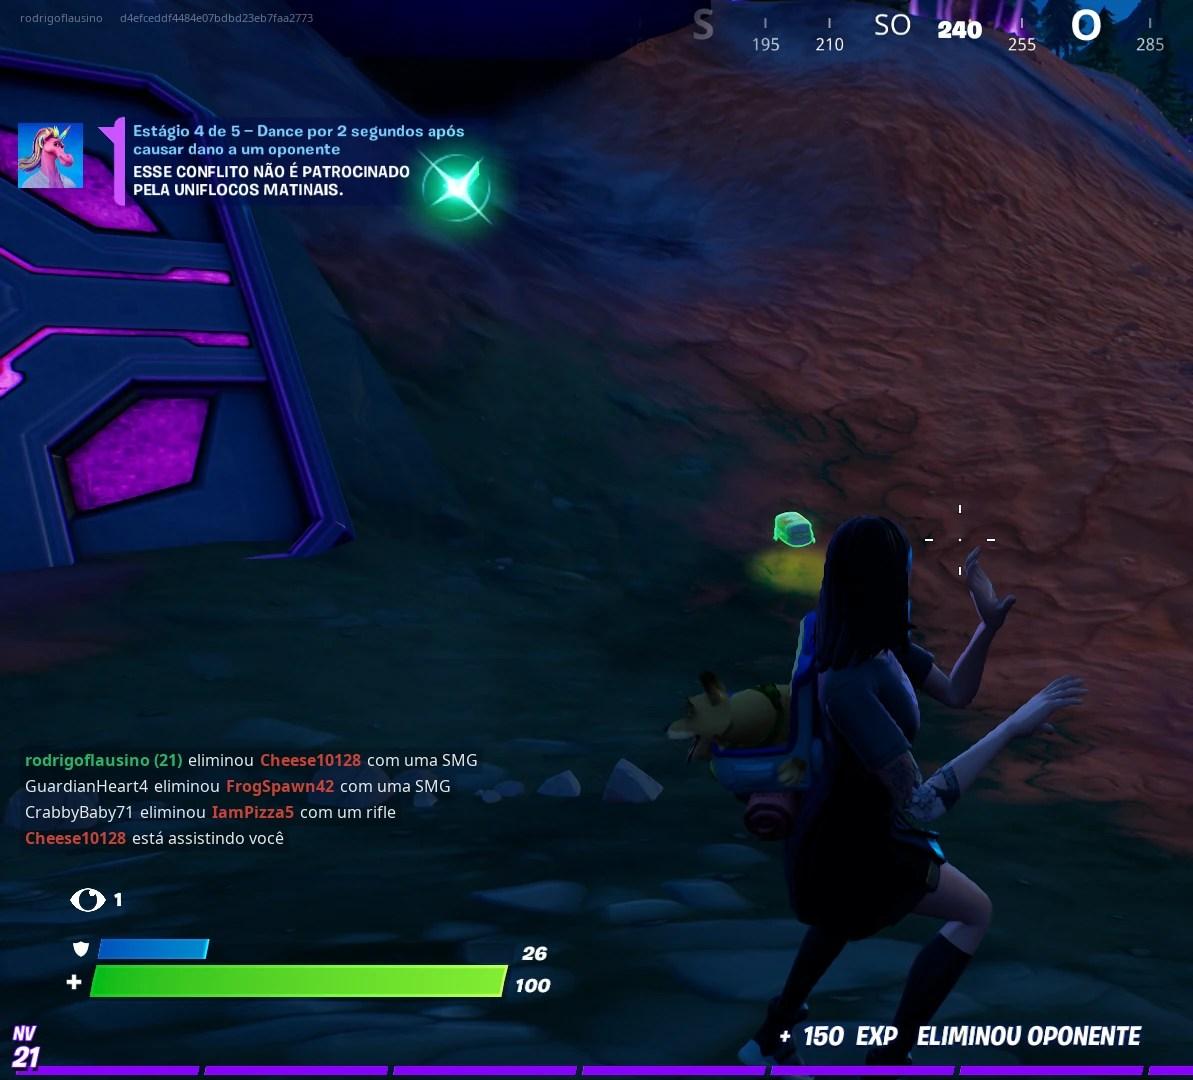 Fortnite - Dançando por 2 segundos após finalizar um oponente em partida solo